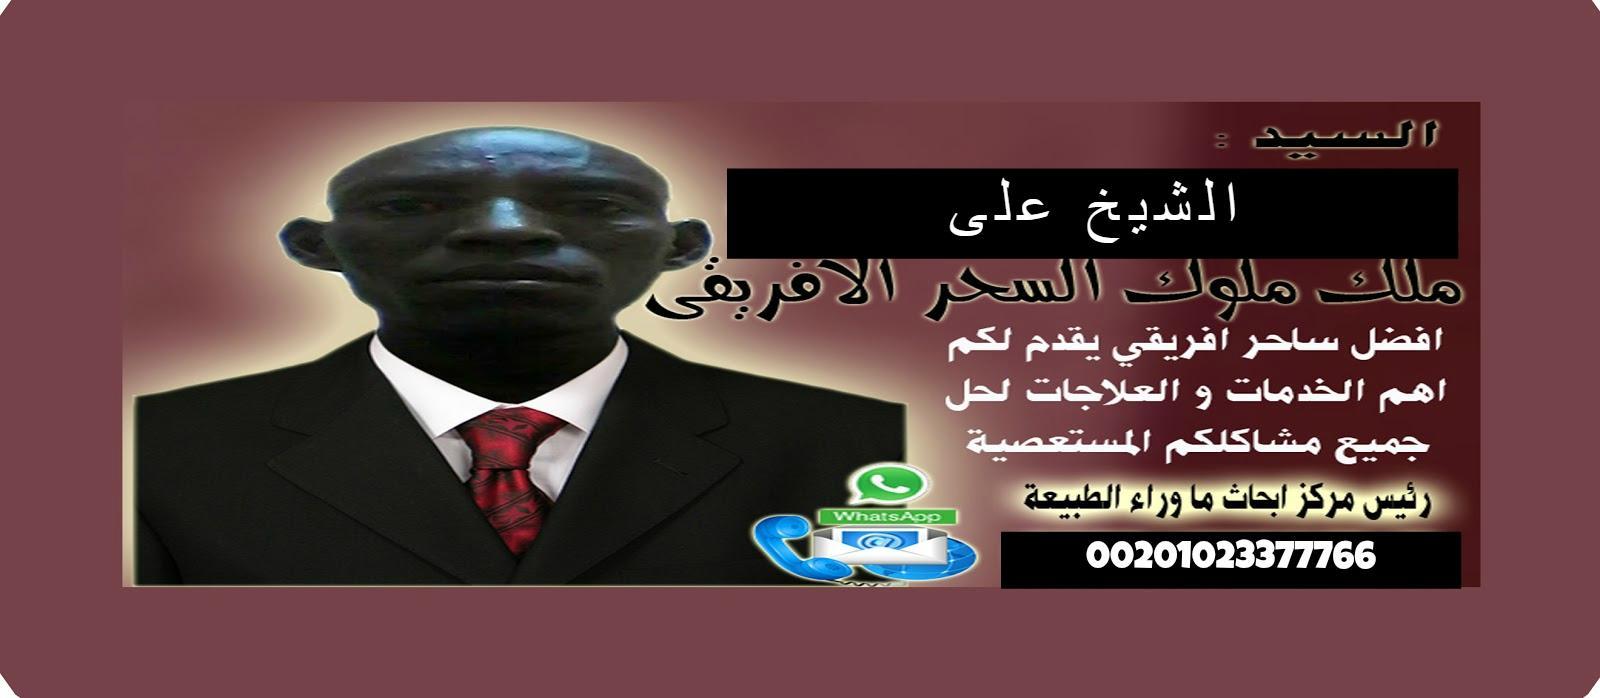 عودة حبيبي - صفحة 7 842138575